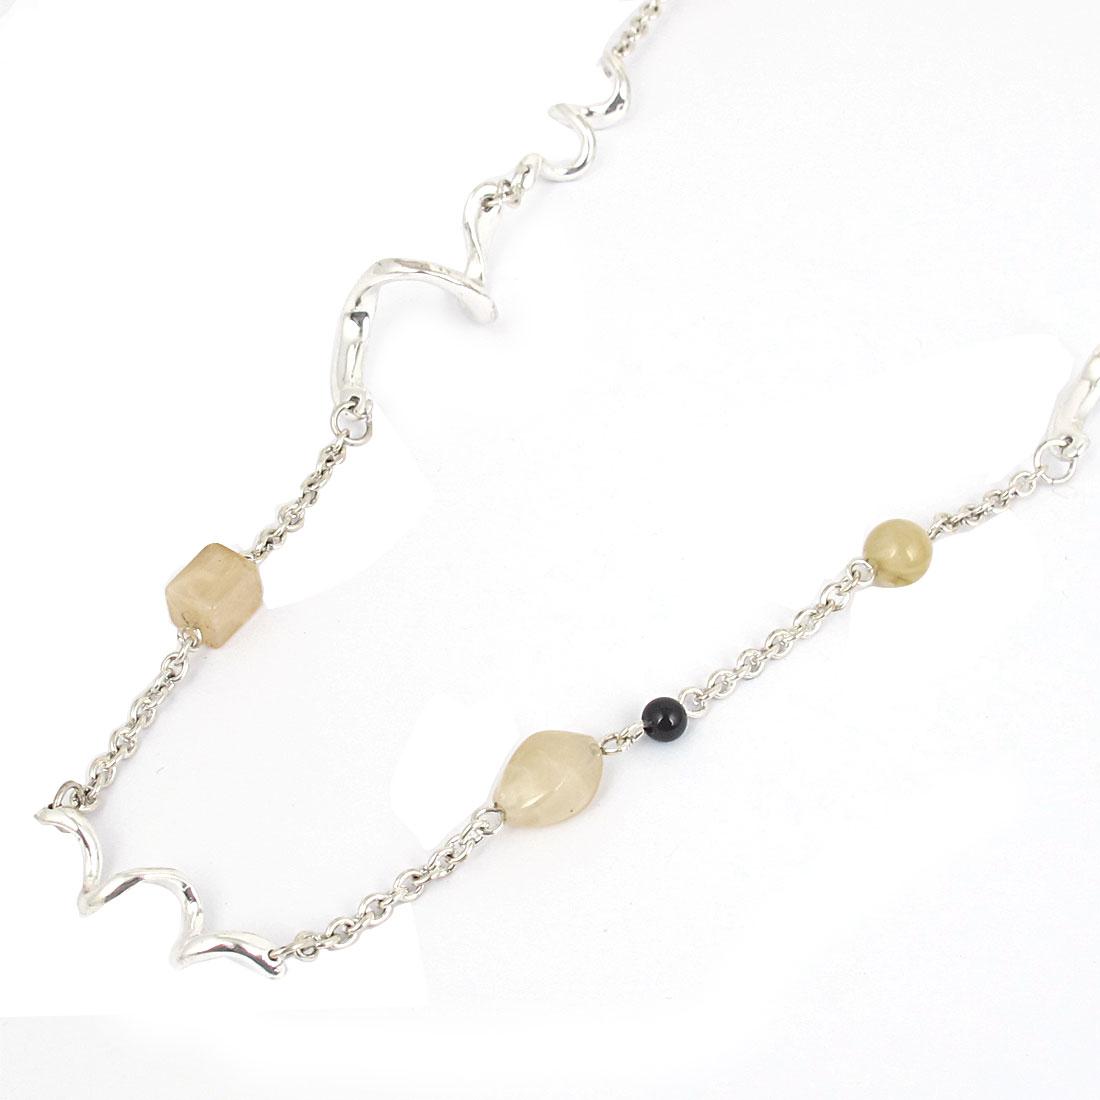 Women Plastic Beads Metal Spirals Design Lobster Buckle Strip Link Chain Necklace Neckwear Collar Silver Tone Beige